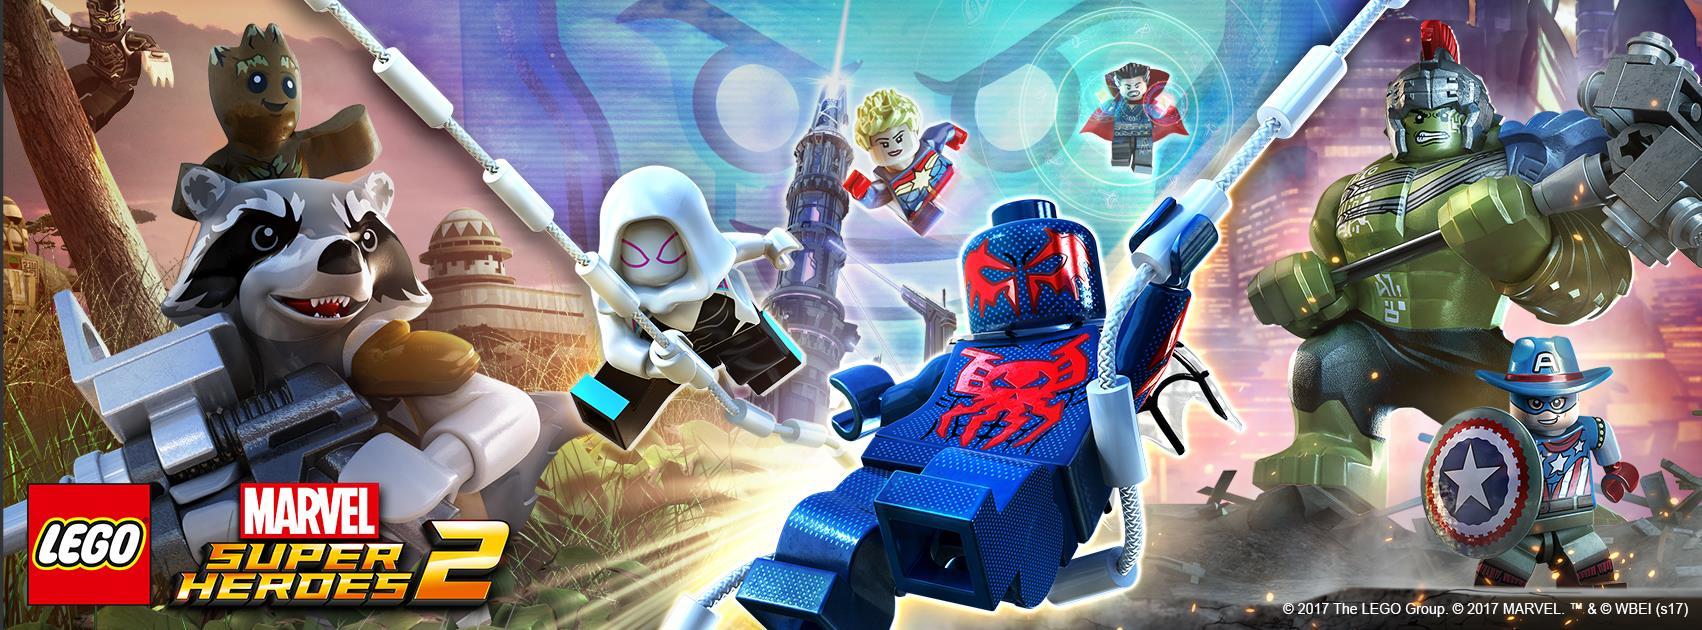 Anunciado Lego Marvel Super Heroes 2 Combogamer